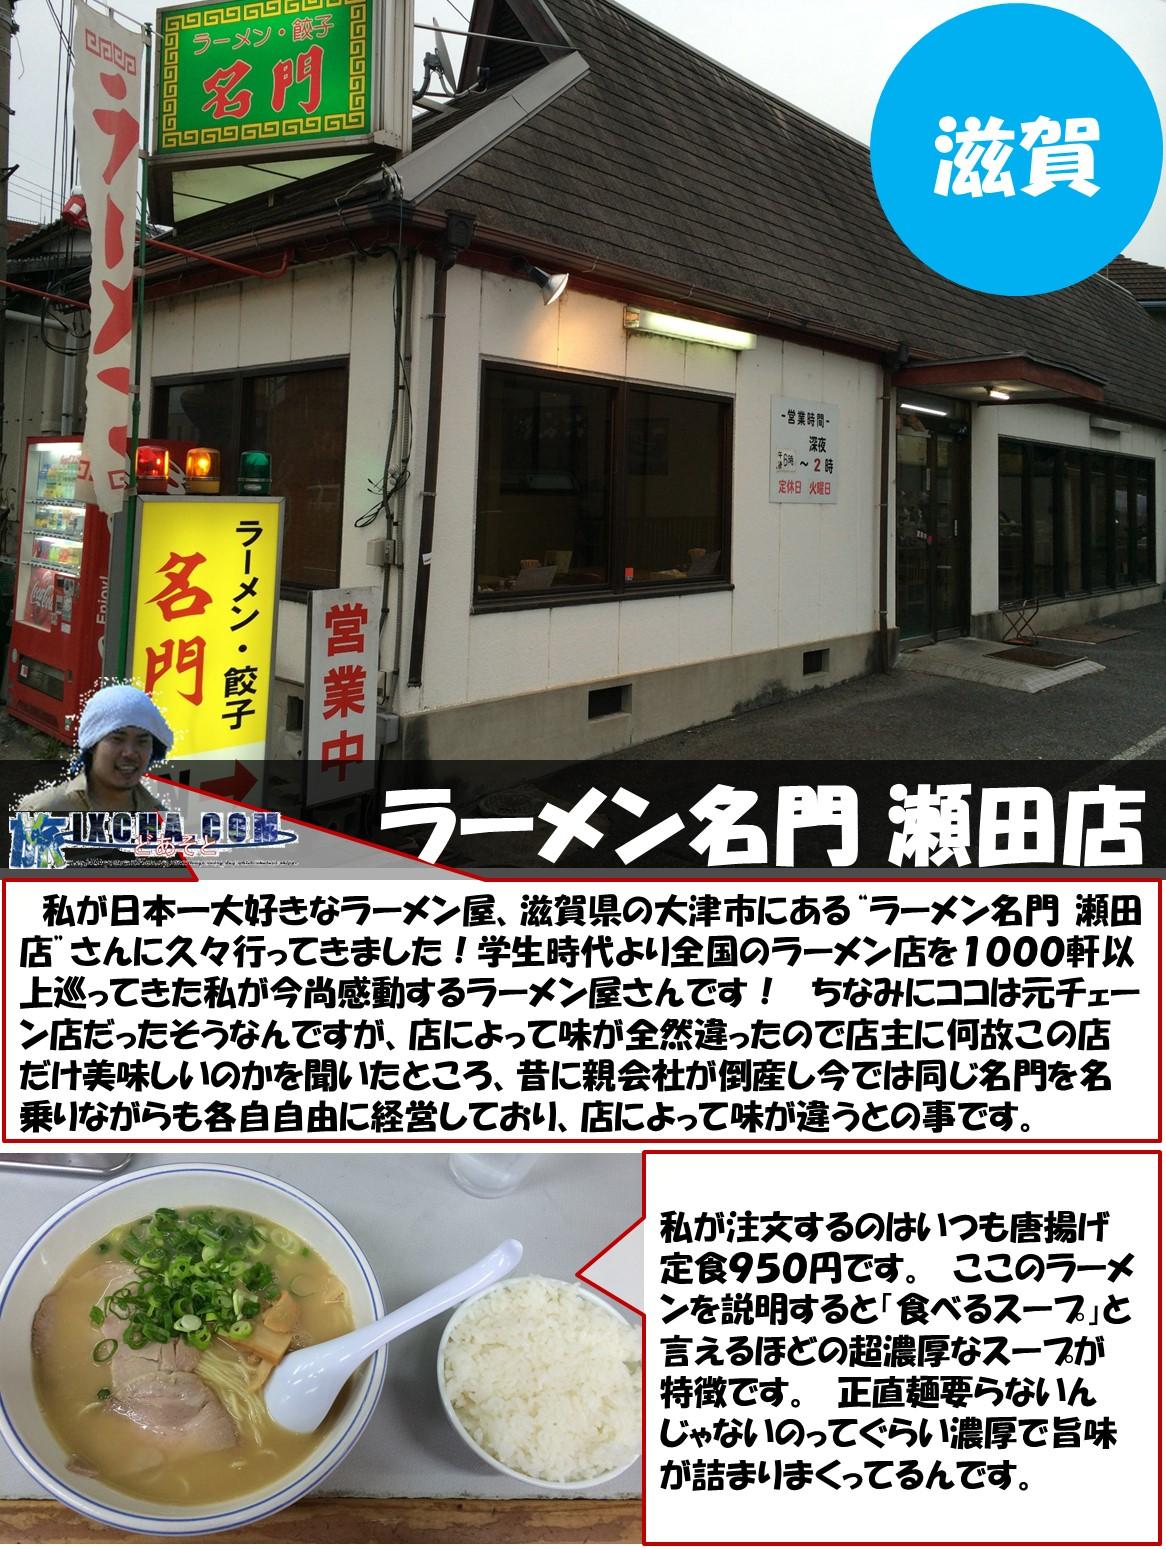 """滋賀 ラーメン名門 瀬田店  私が日本一大好きなラーメン屋、滋賀県の大津市にある""""ラーメン名門 瀬田店""""さんに久々行ってきました!学生時代より全国のラーメン店を1000軒以上巡ってきた私が今尚感動するラーメン屋さんです! ちなみにココは元チェーン店だったそうなんですが、店によって味が全然違ったので店主に何故この店だけ美味しいのかを聞いたところ、昔に親会社が倒産し今では同じ名門を名乗りながらも各自自由に経営しており、店によって味が違うとの事です。 私が注文するのはいつも唐揚げ定食950円です。 ここのラーメンを説明すると「食べるスープ」と言えるほどの超濃厚なスープが特徴です。 正直麺要らないんじゃないのってぐらい濃厚で旨味が詰まりまくってるんです。"""